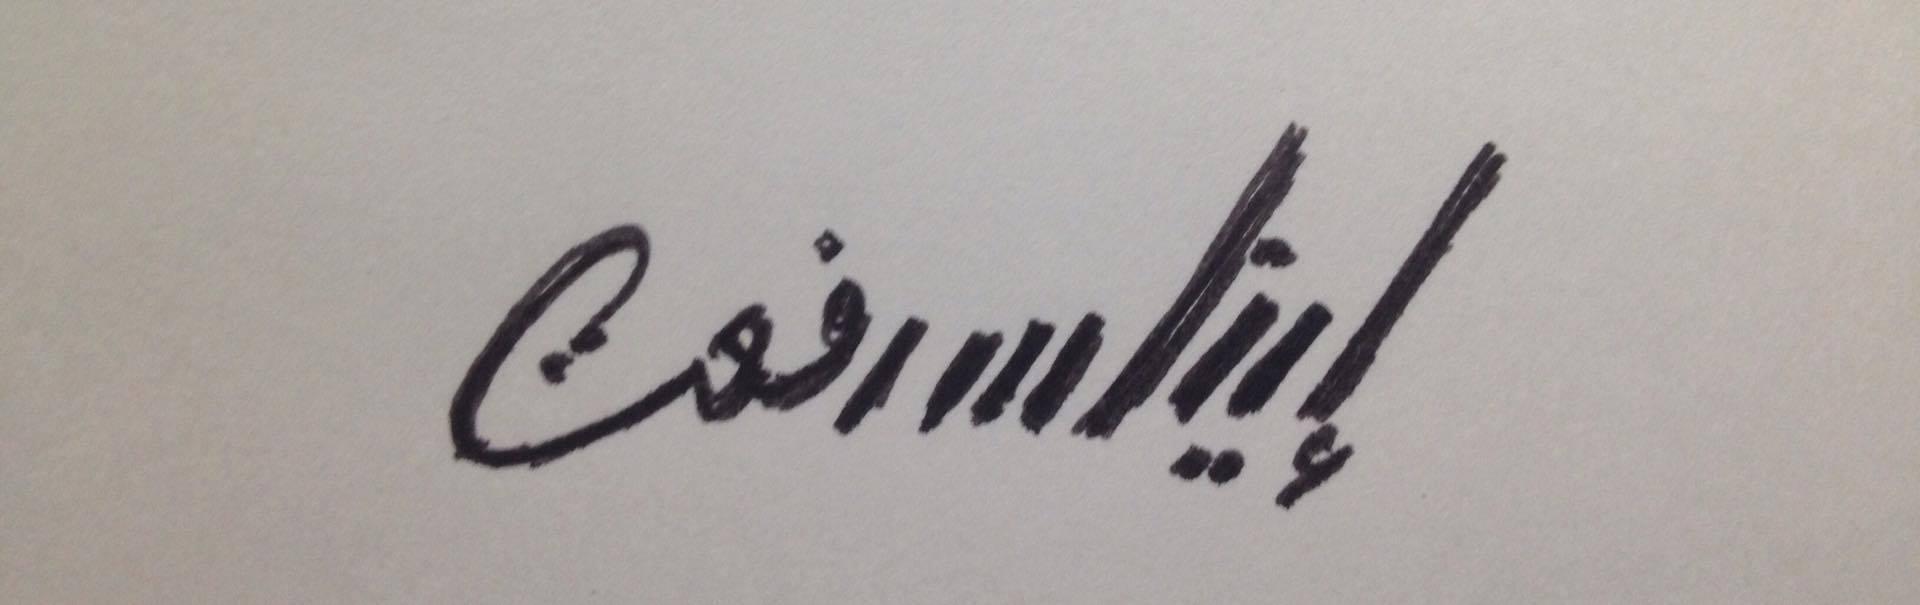 Enas Refaat Signature